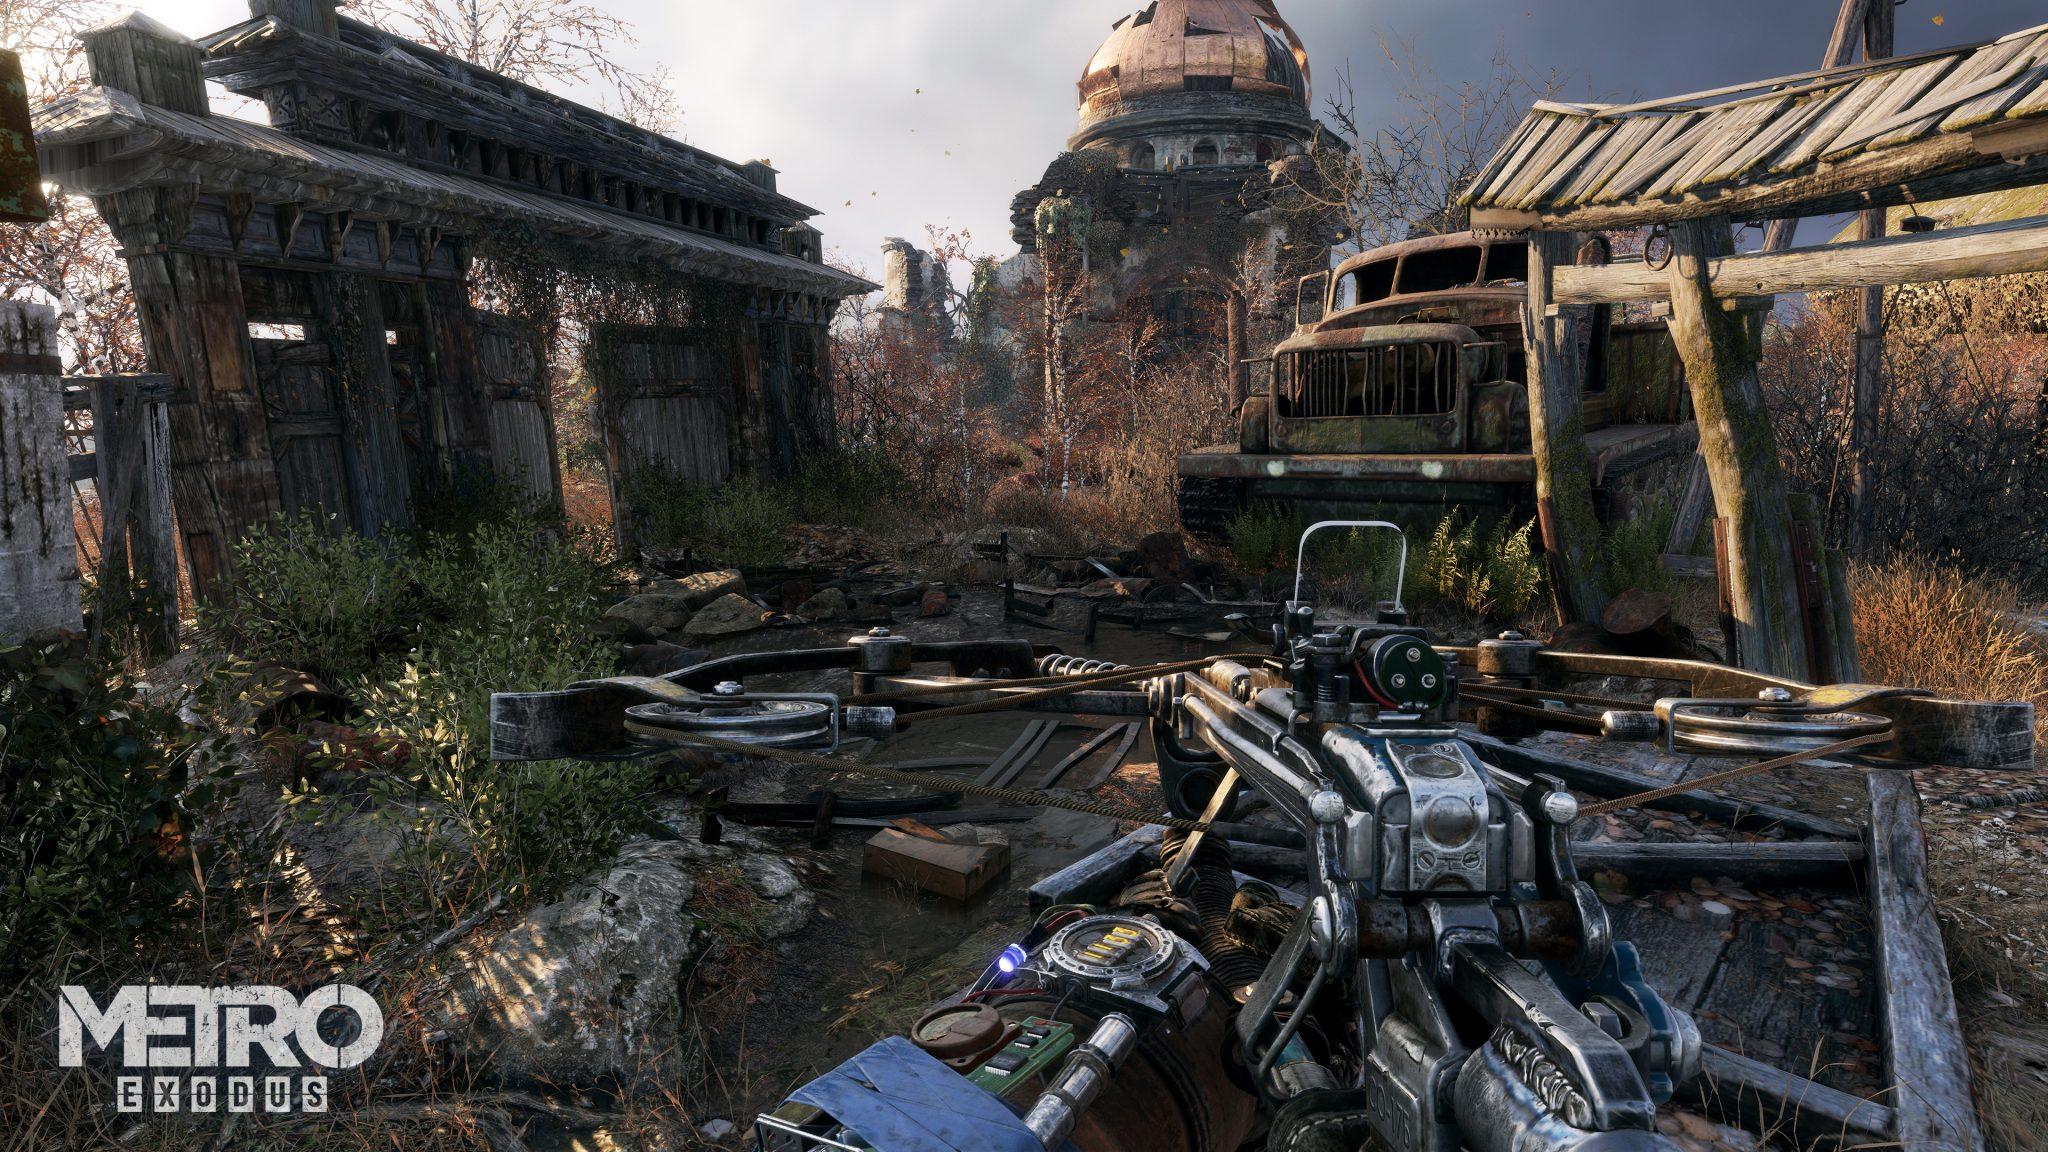 Metro Exodus Screenshot Preview Gamescom 2018 Deep Silver Ego-Shooter Ausrüstung